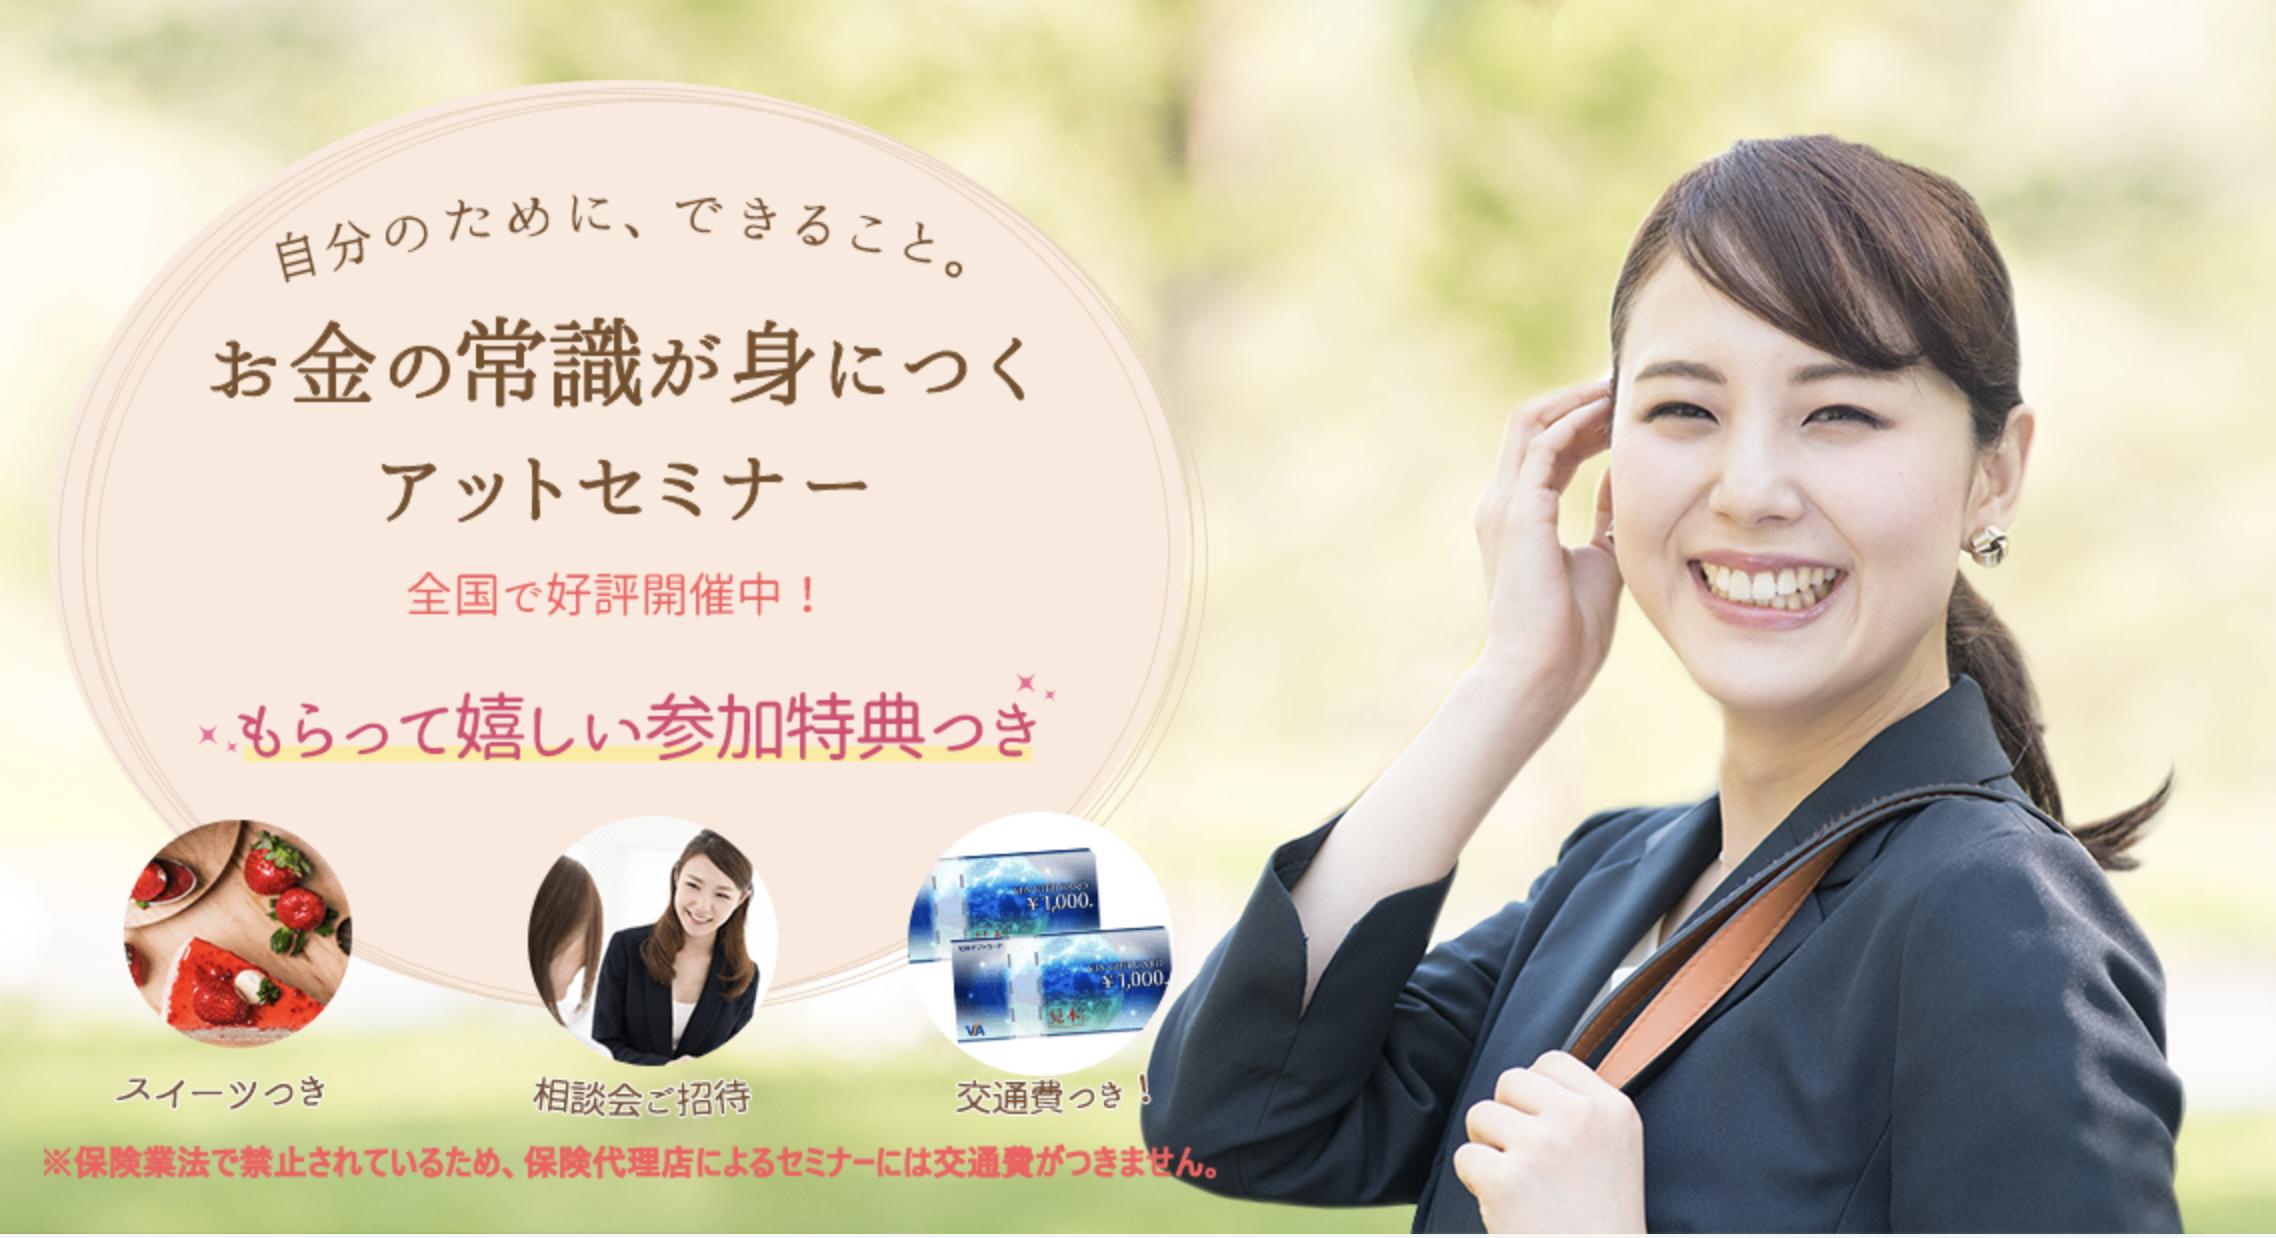 女性に人気のマネーセミナー「アットセミナー」の内容・評判・口コミを紹介!